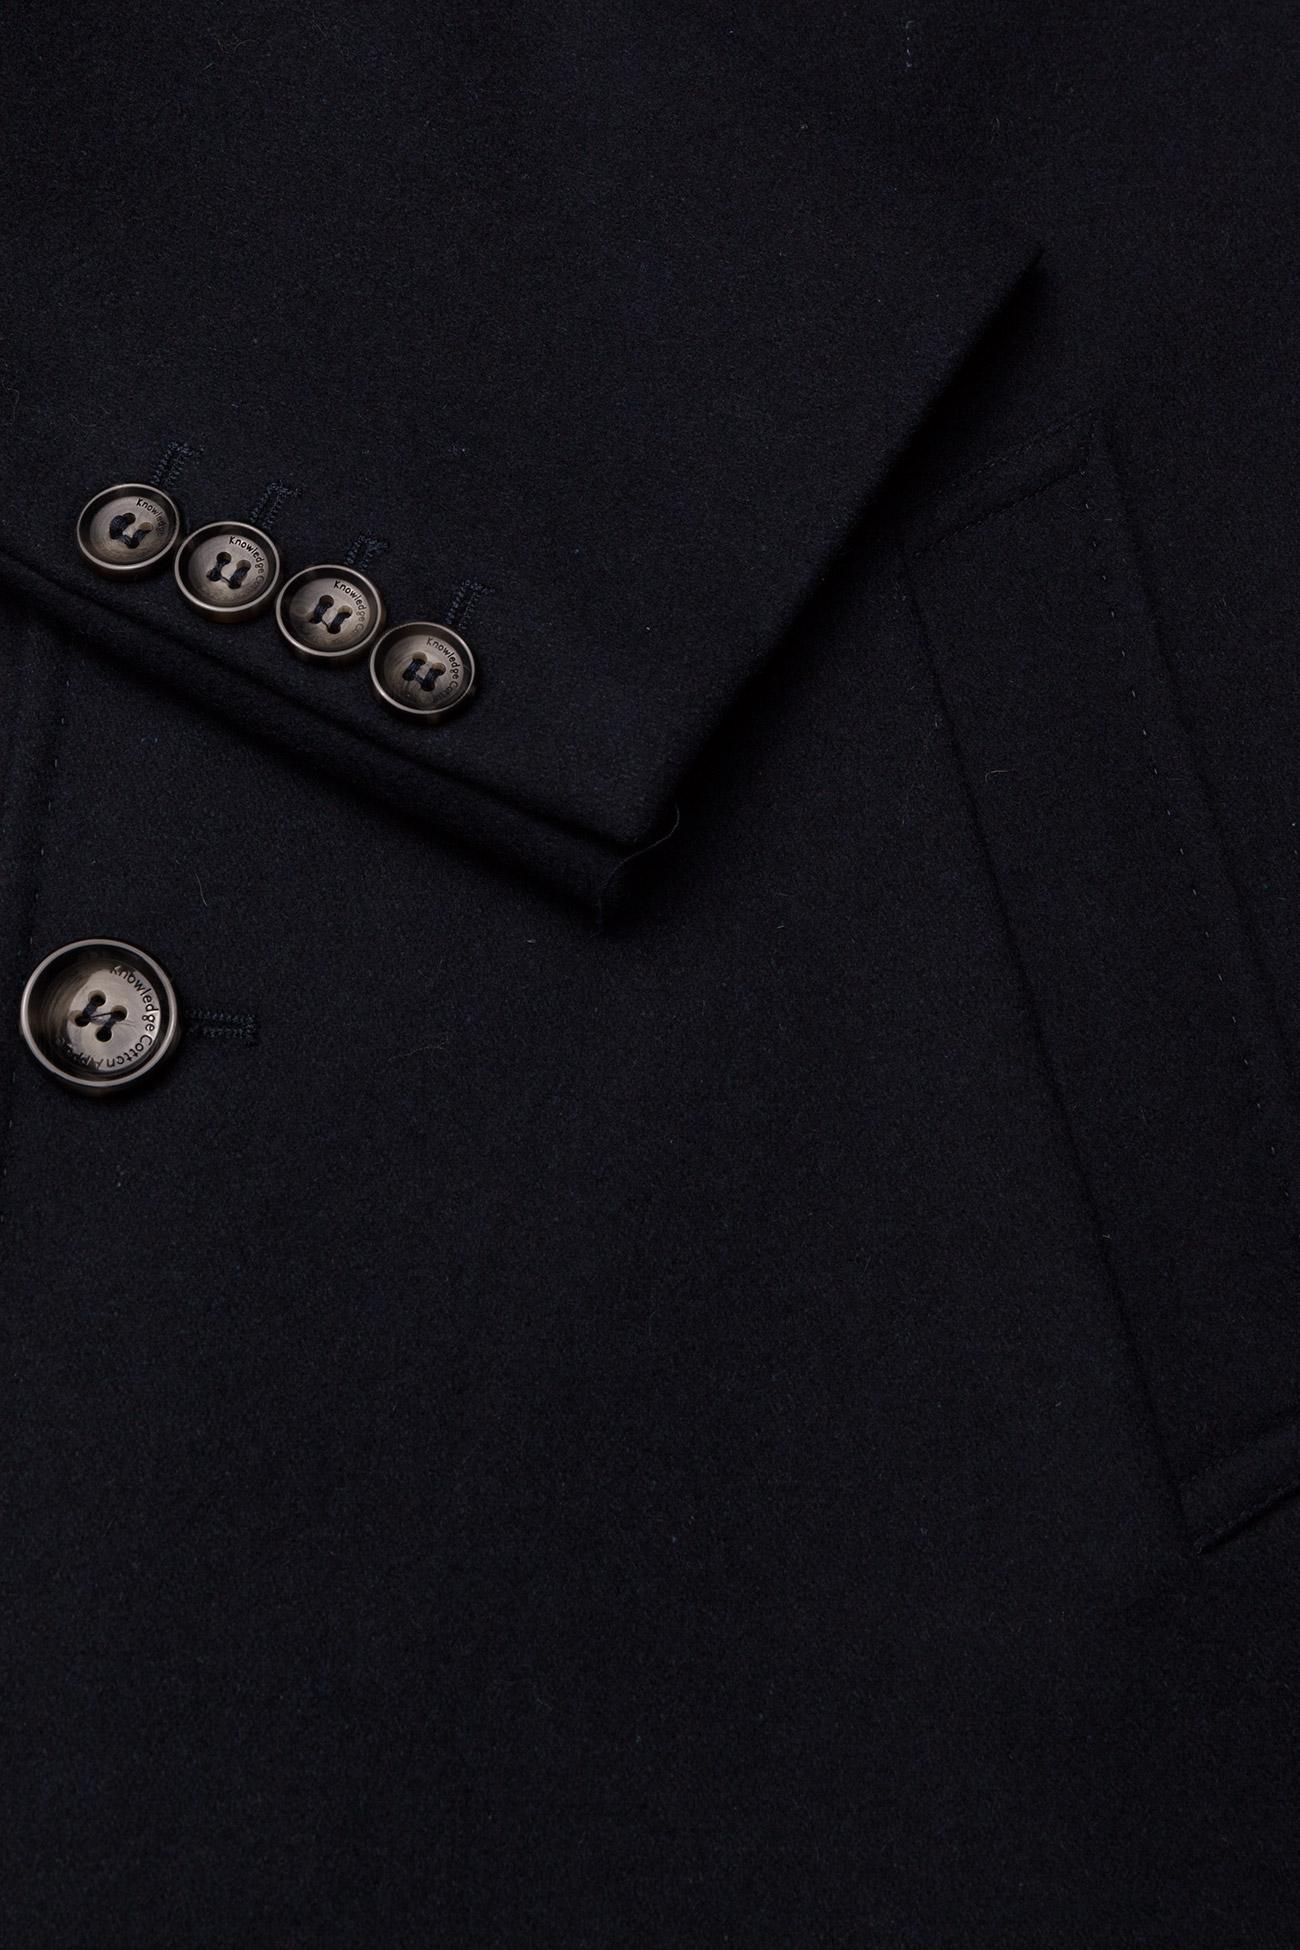 EclipseKnowledge Cotton Wool CoatGrstotal Apparel tQhdsrC